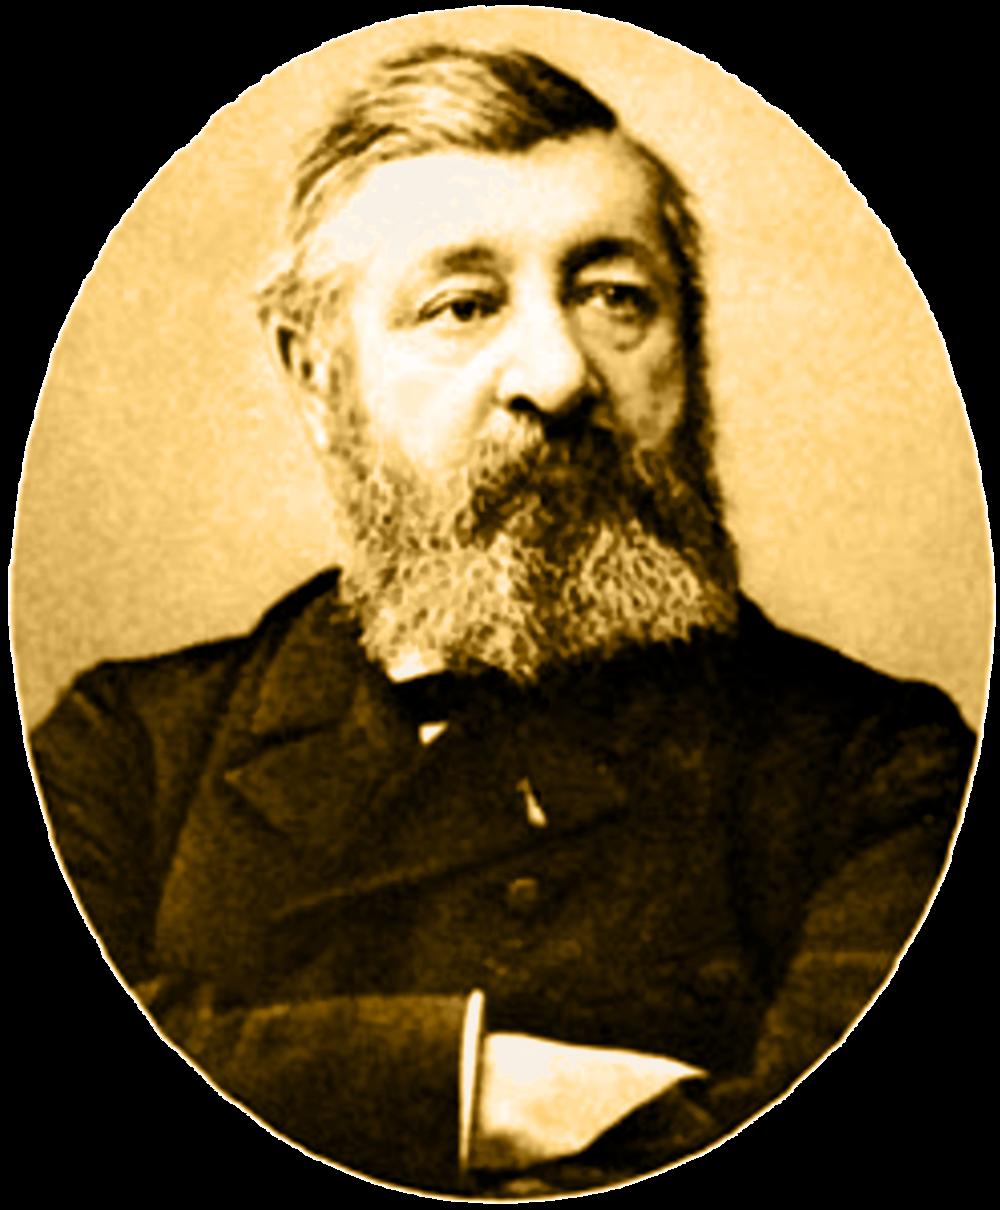 Emile Léon Gautier (ca. 1852 AD) photo portrait by J.P. Ziolo